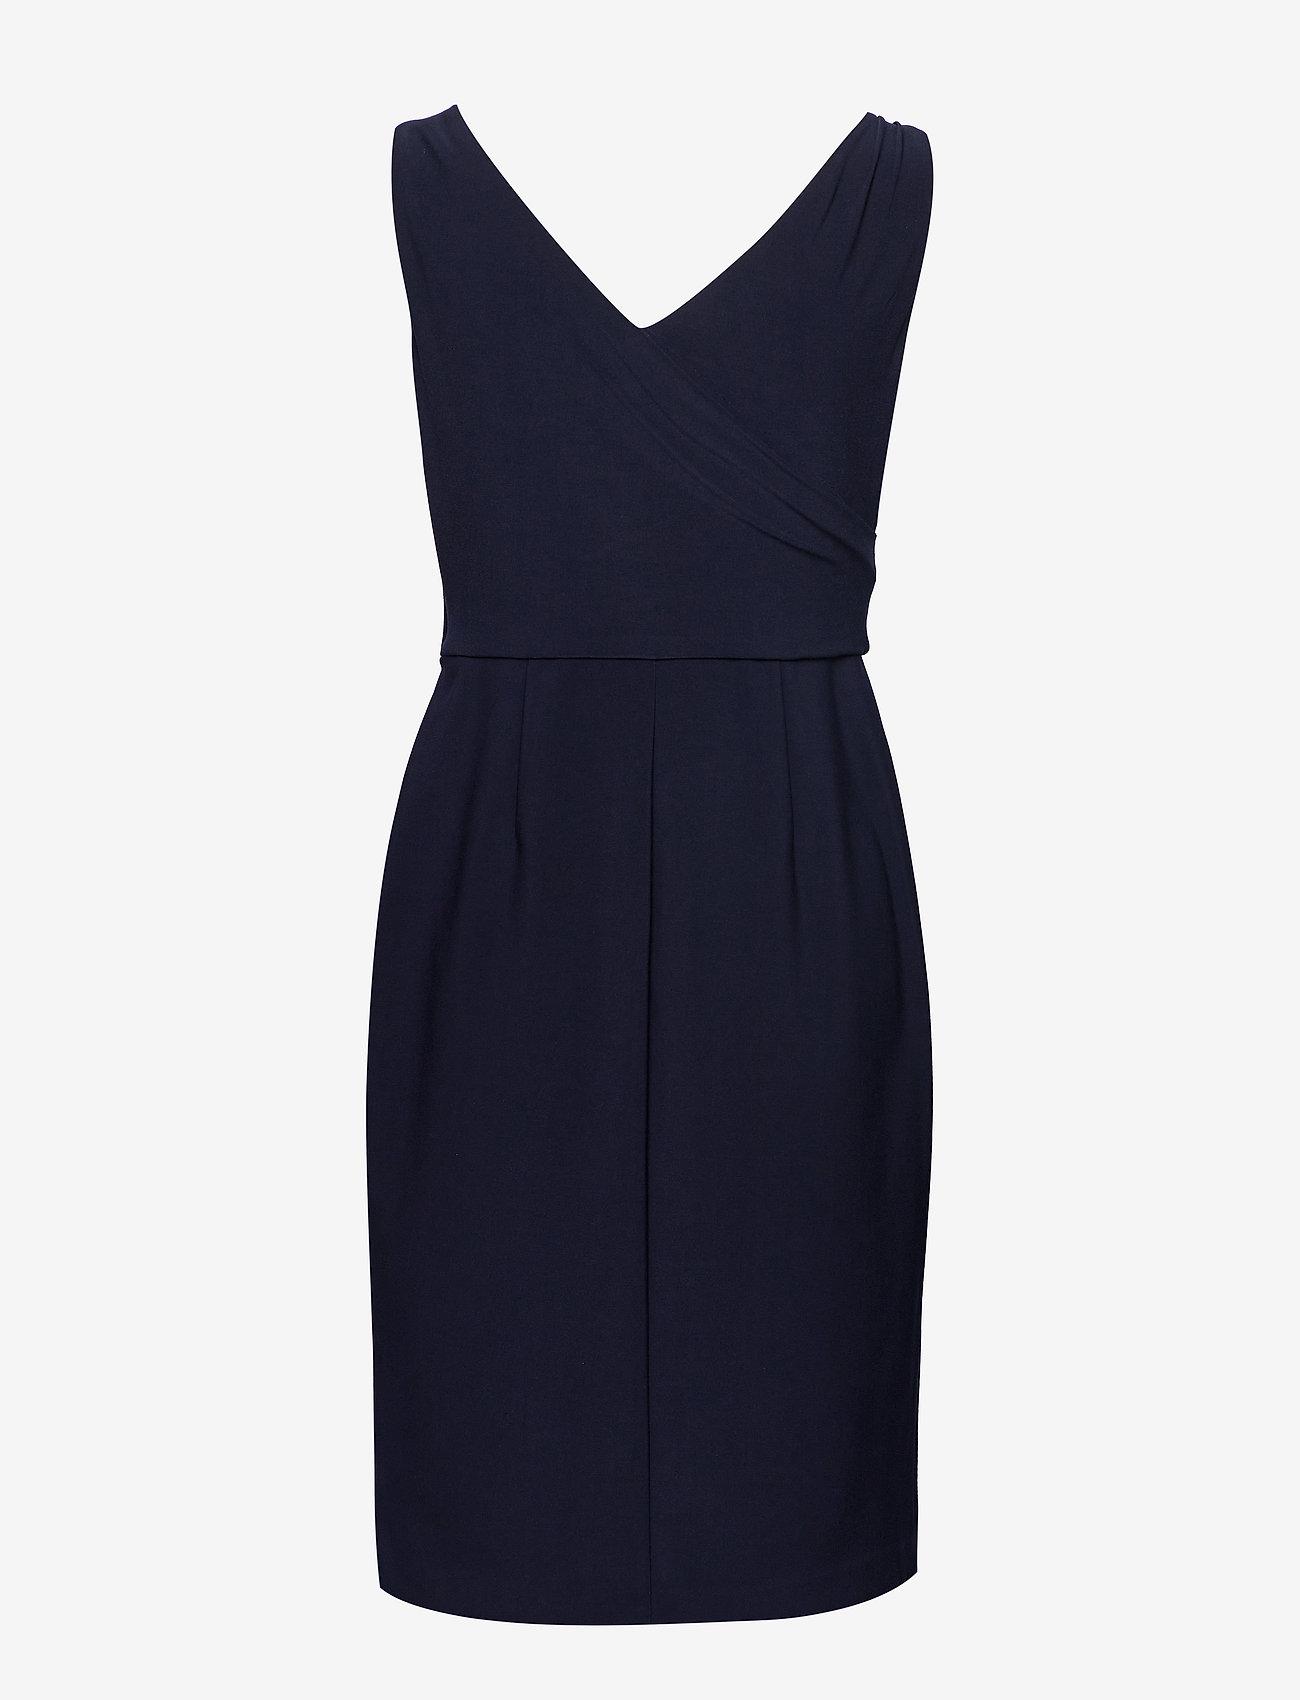 Jersey Cocktail Dress (Lighthouse Navy) - Lauren Ralph Lauren gSjXiB